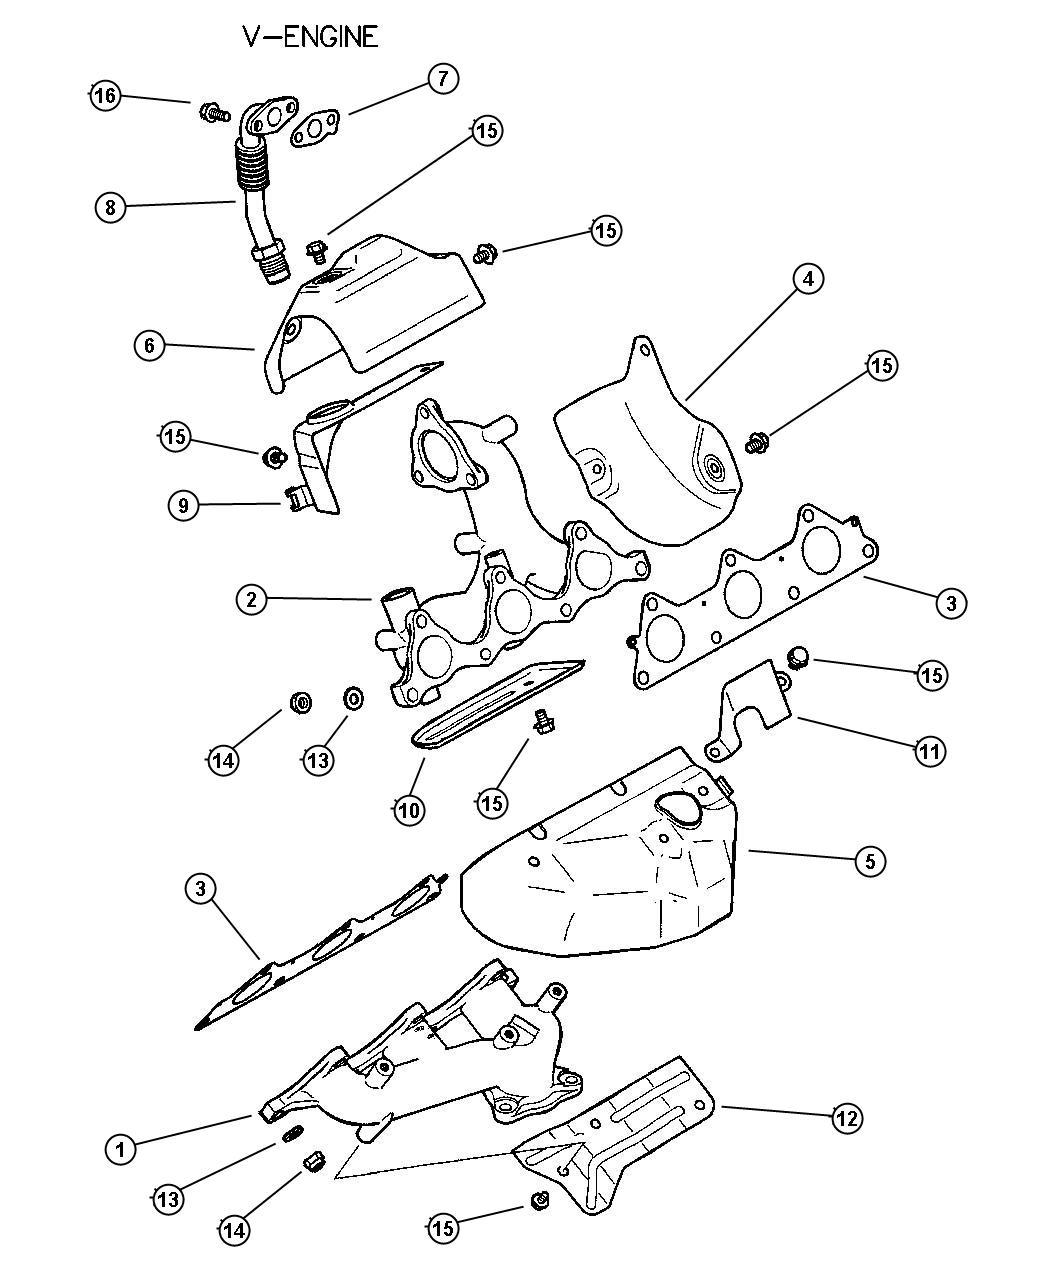 Dodge Caliber Gasket Egr Tube Flange Manif Exh Useries